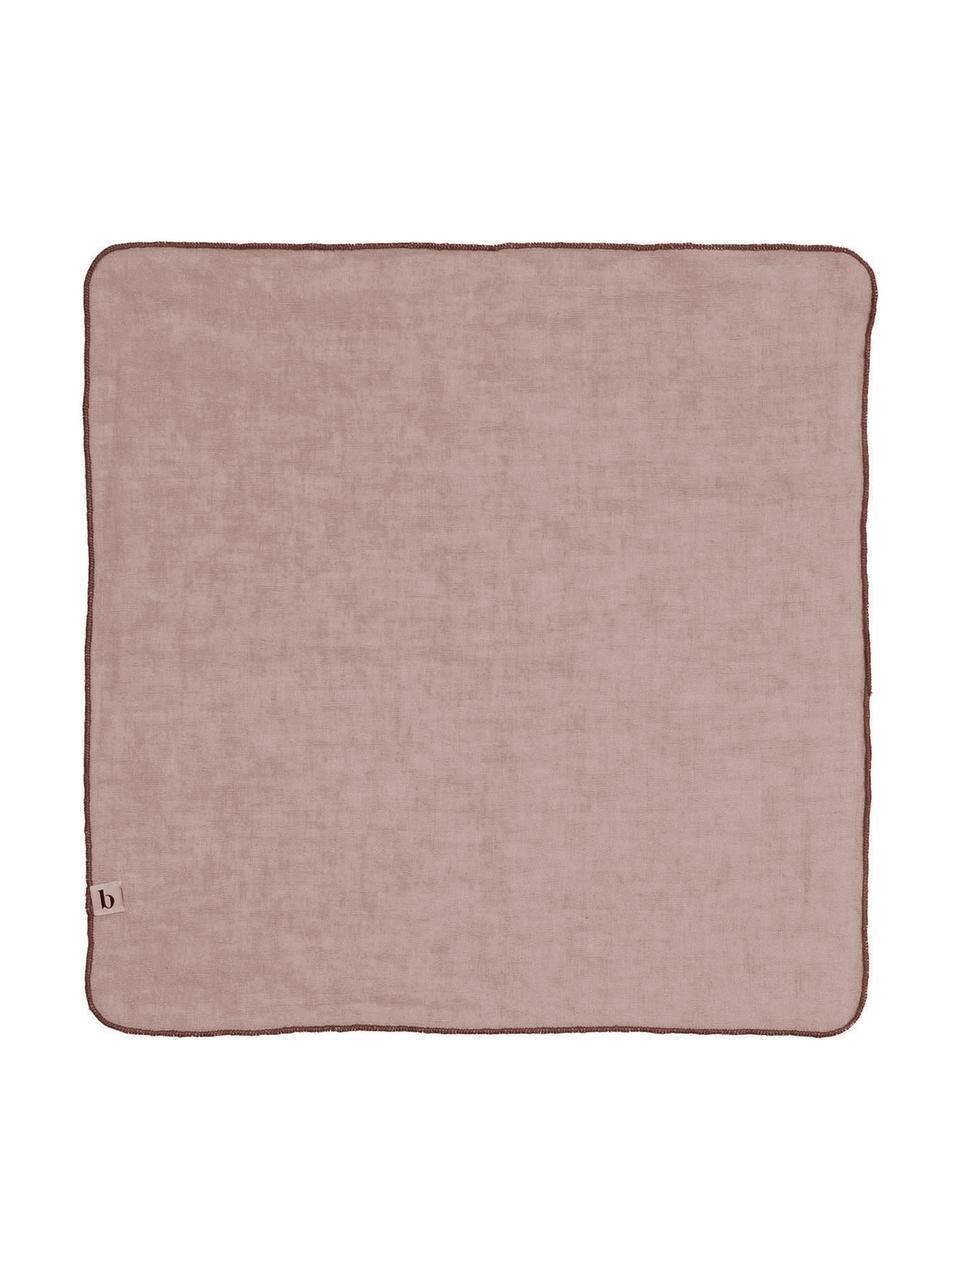 Tovagliolo in lino Gracie 2 pz, 100% lino, Rosa, Lung. 45 x Larg. 45 cm